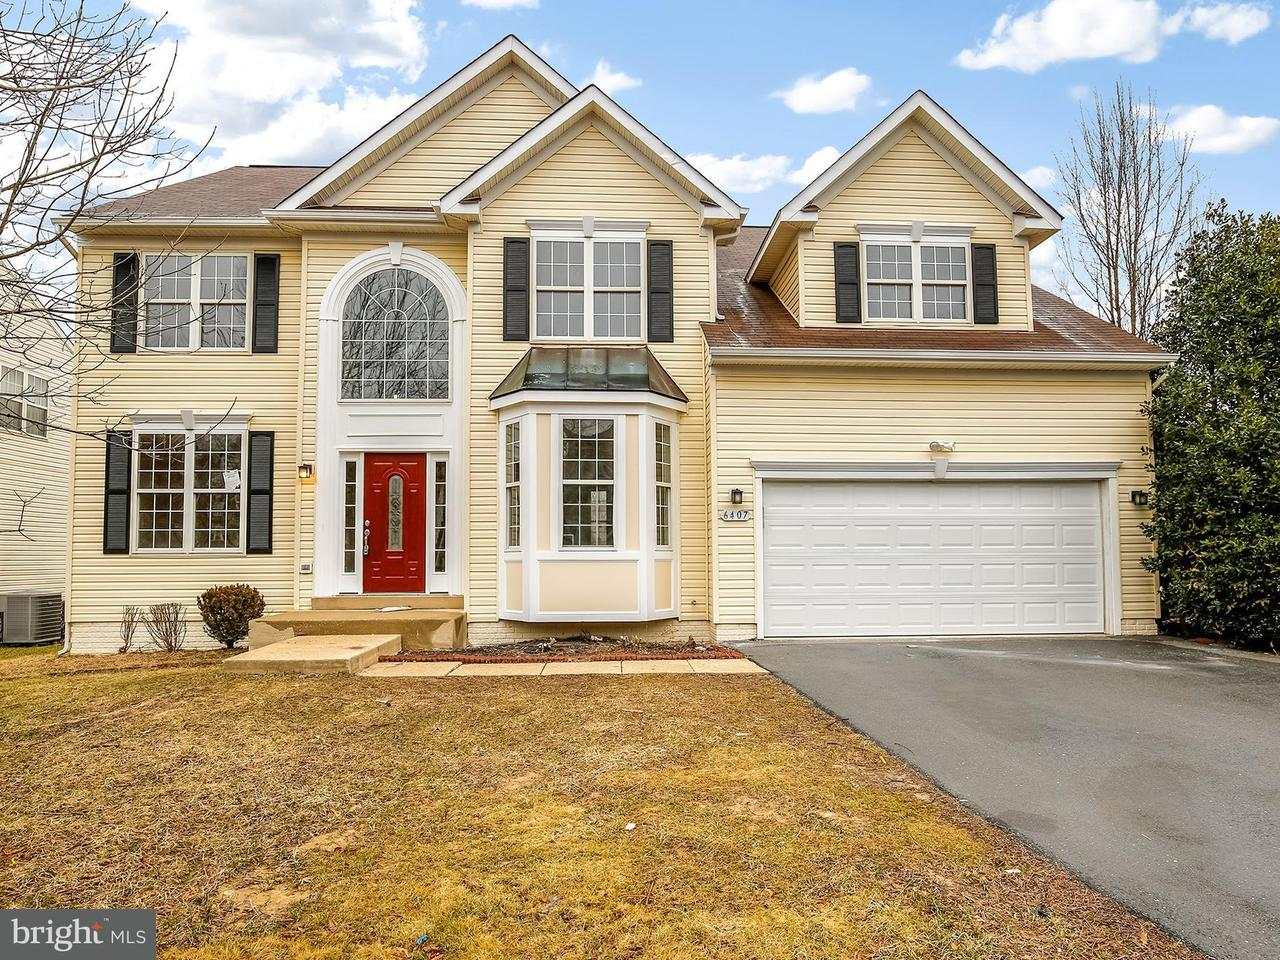 Villa per Vendita alle ore 6407 Trillium Trail 6407 Trillium Trail Glenn Dale, Maryland 20769 Stati Uniti